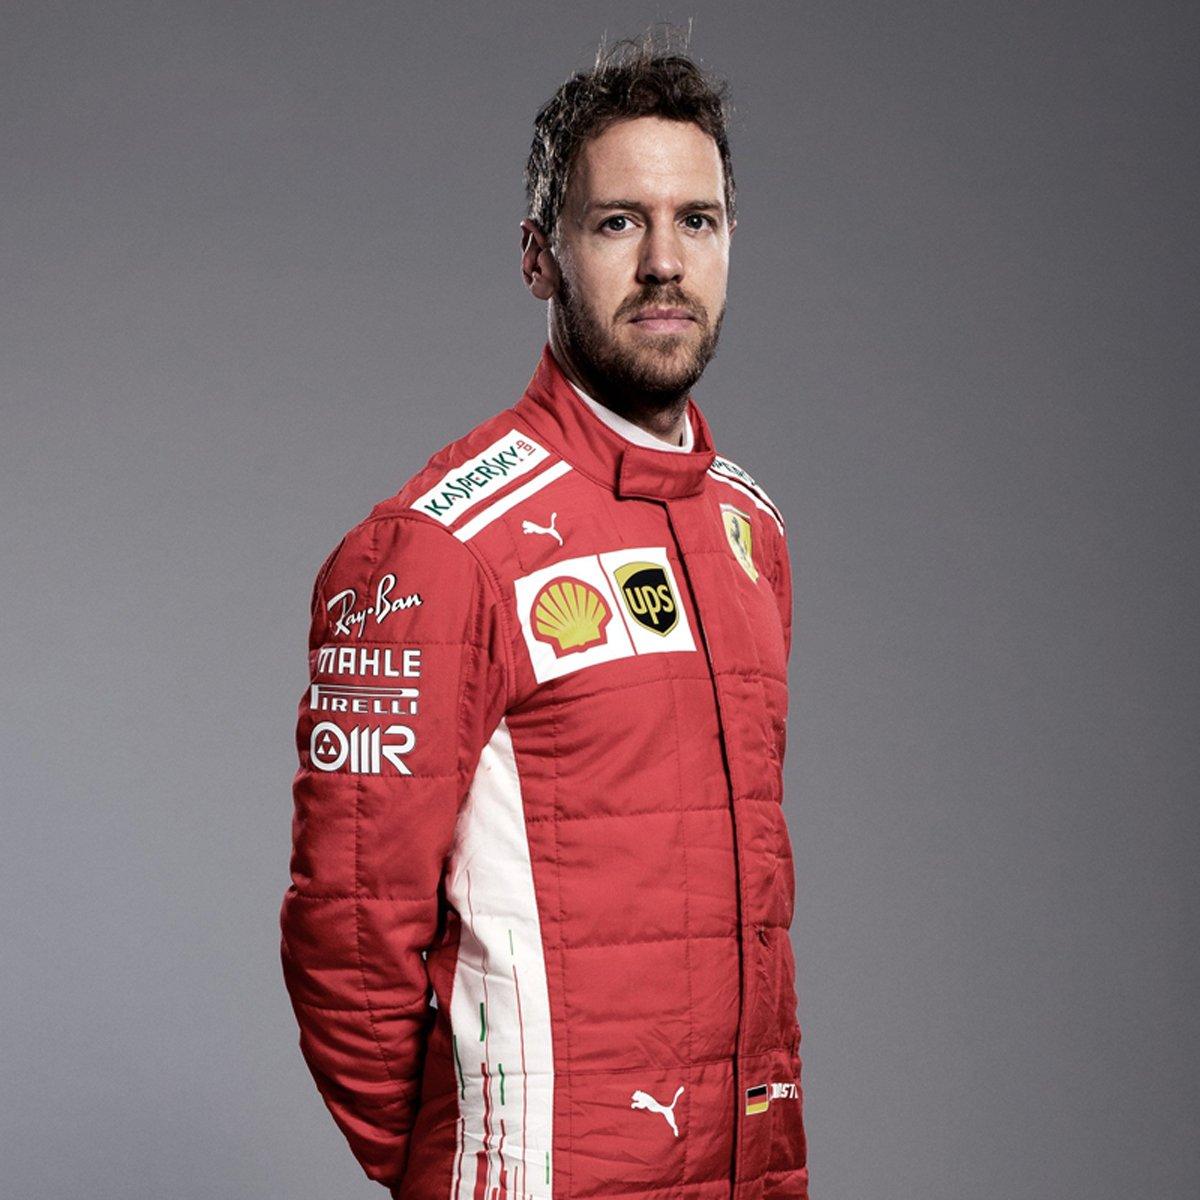 セバスチャン・ベッテル(フェラーリ):2018年 F1レーシングスーツ